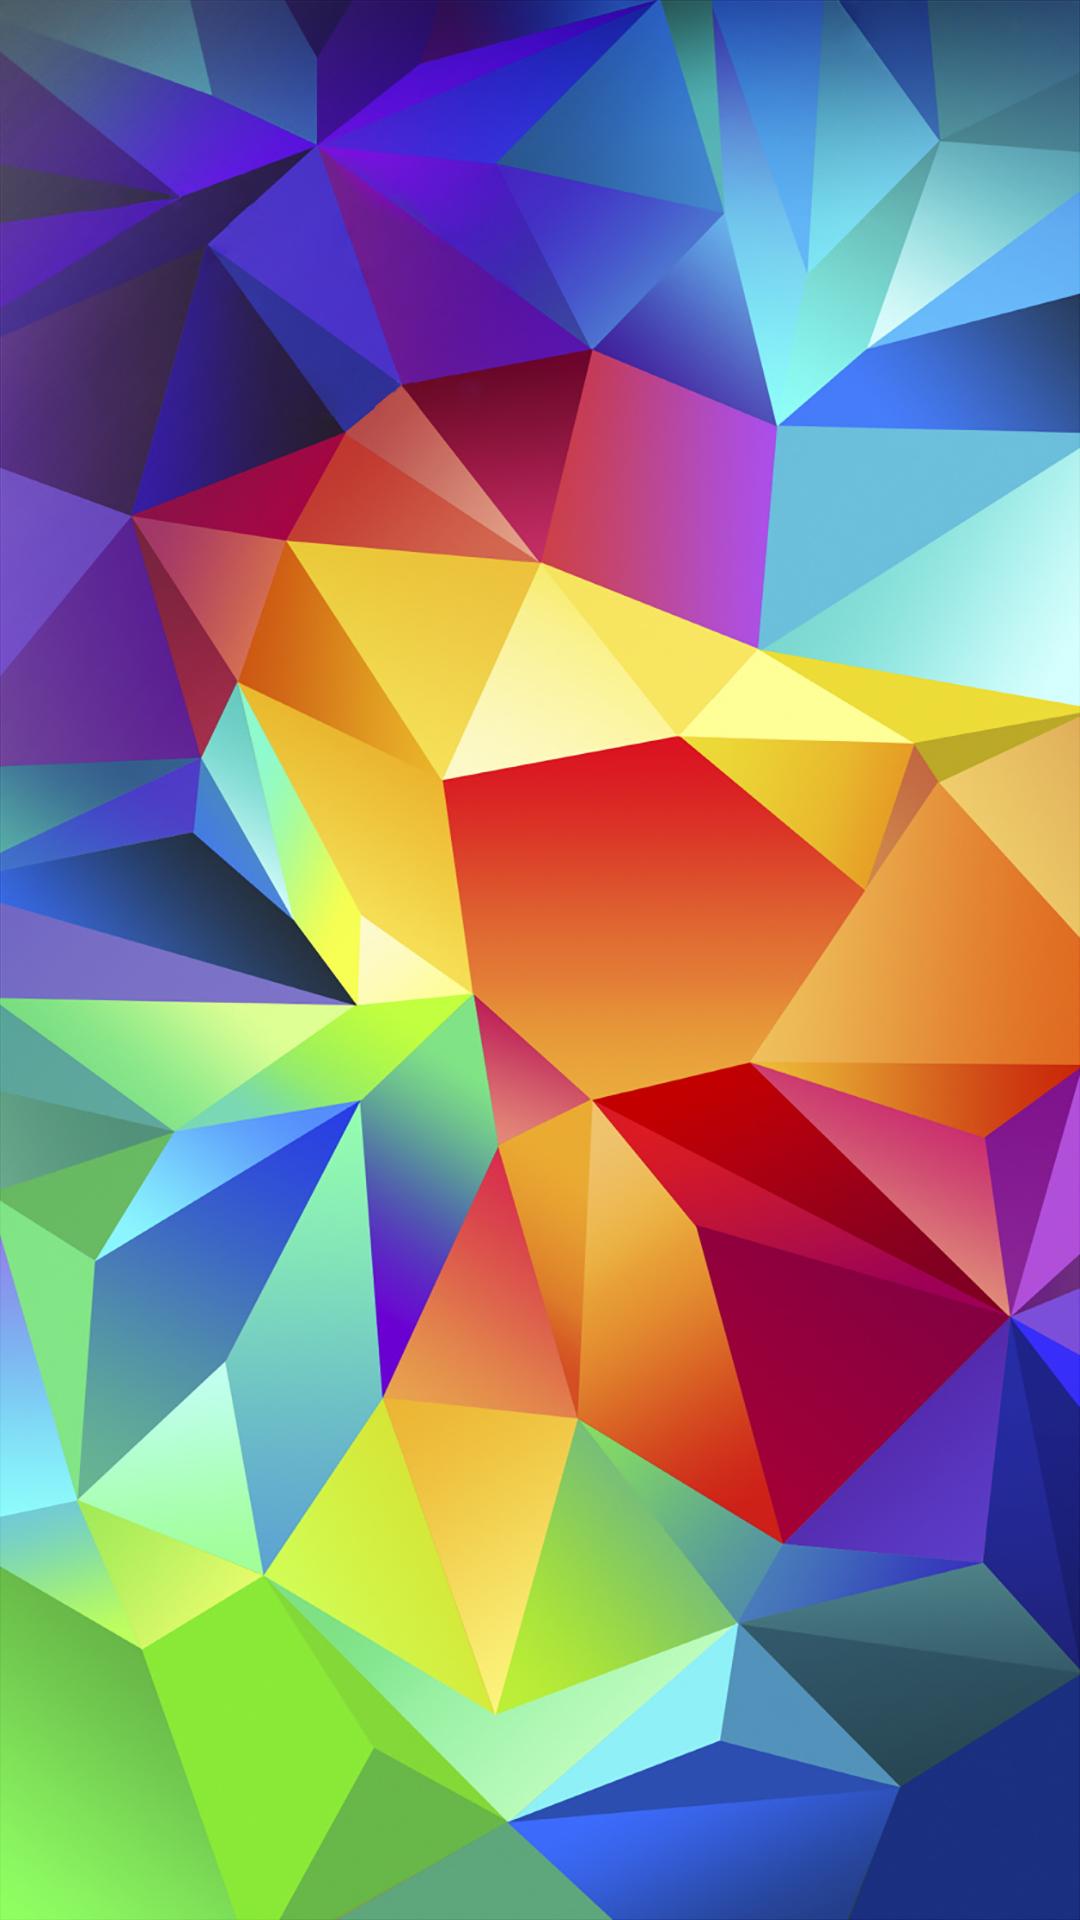 49 Samsung Mobile Wallpapers And Themes On Wallpapersafari